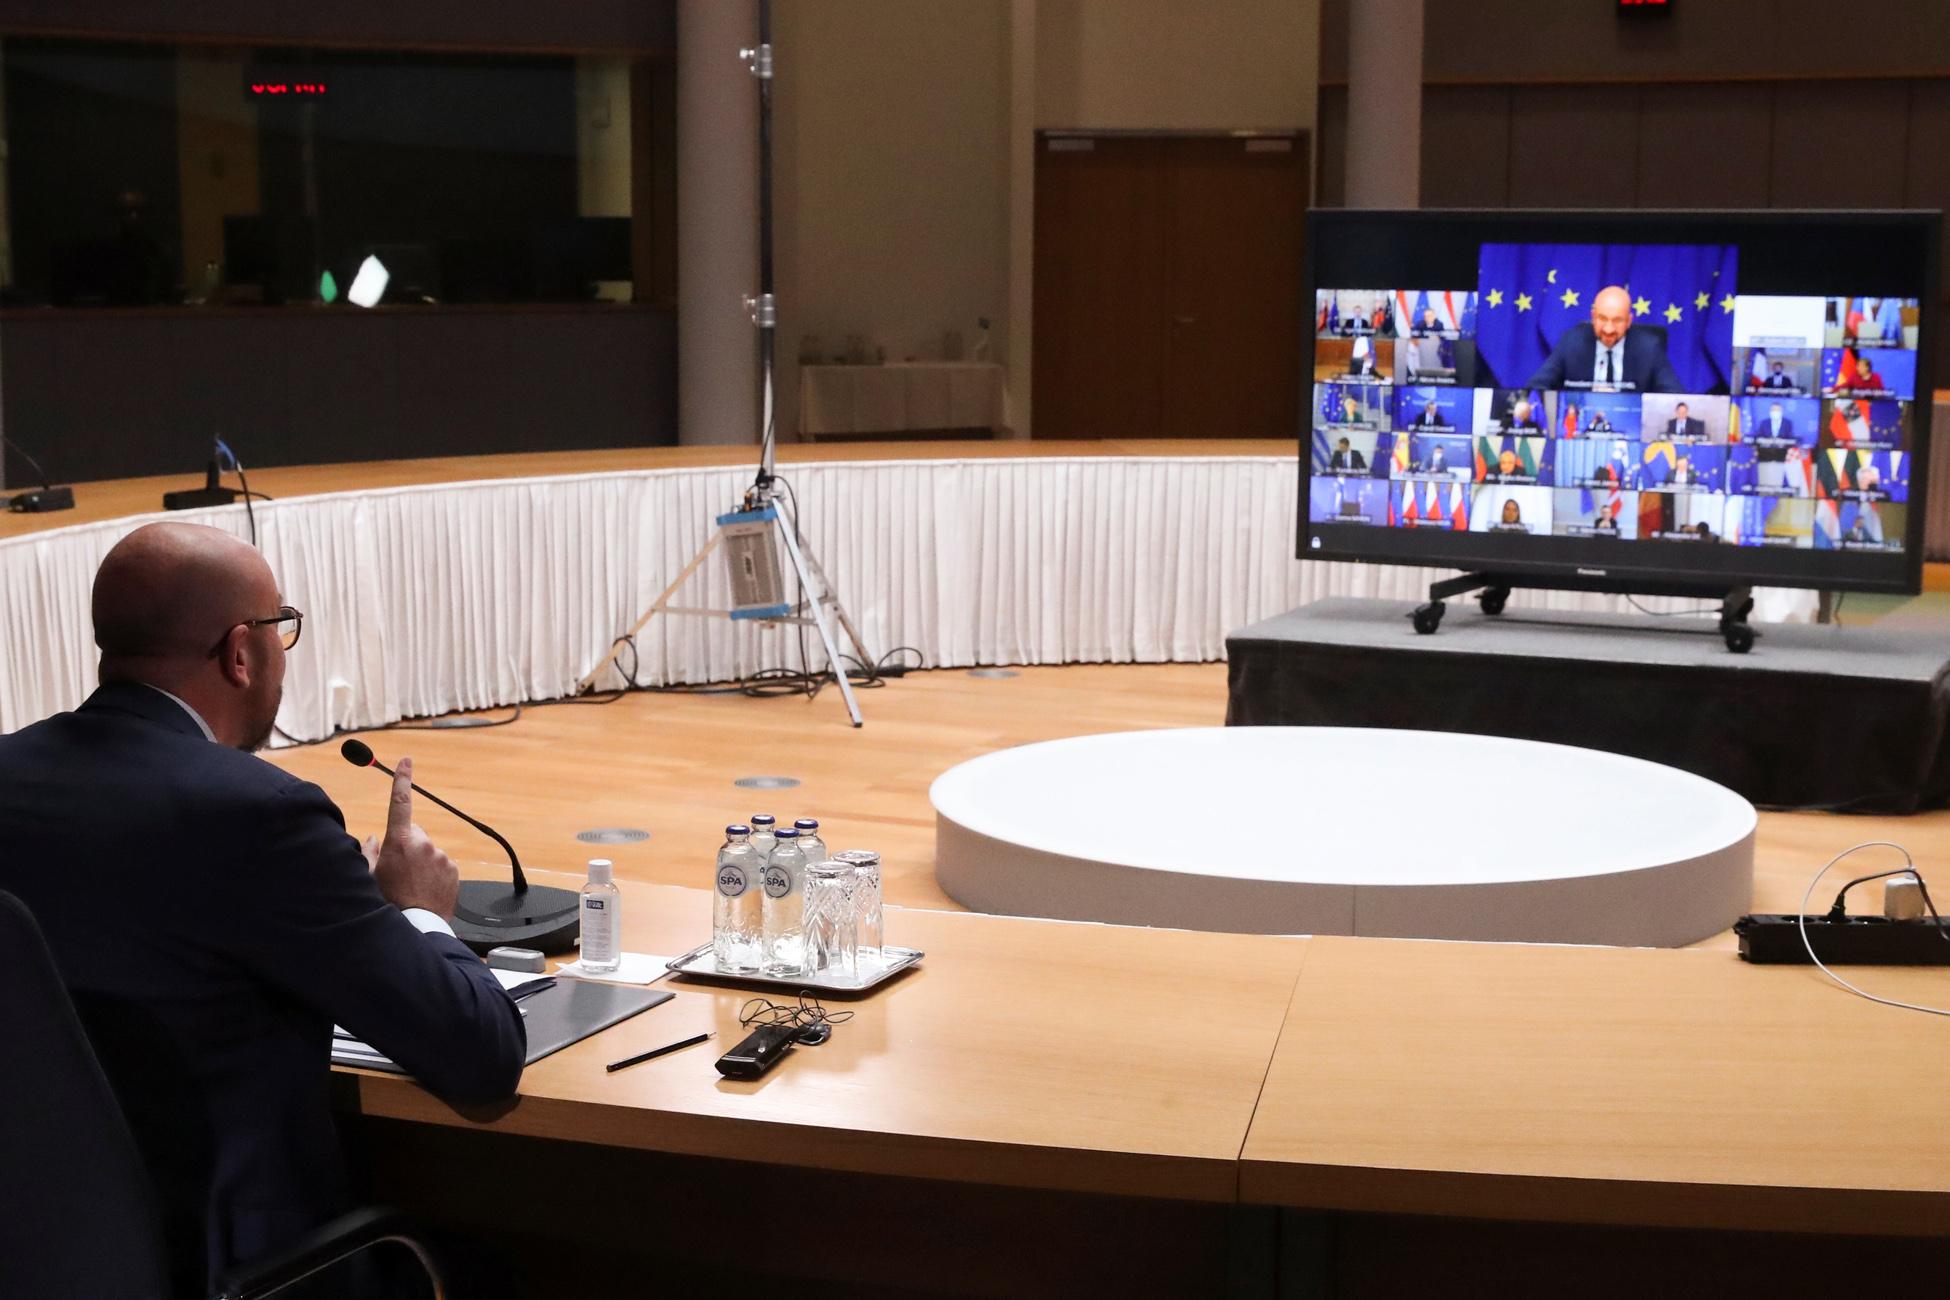 Σύνοδος Κορυφής: Να σταματήσει η Τουρκία τις μονομερείς ενέργειες – Το κοινό ανακοινωθέν των 27 ηγετών